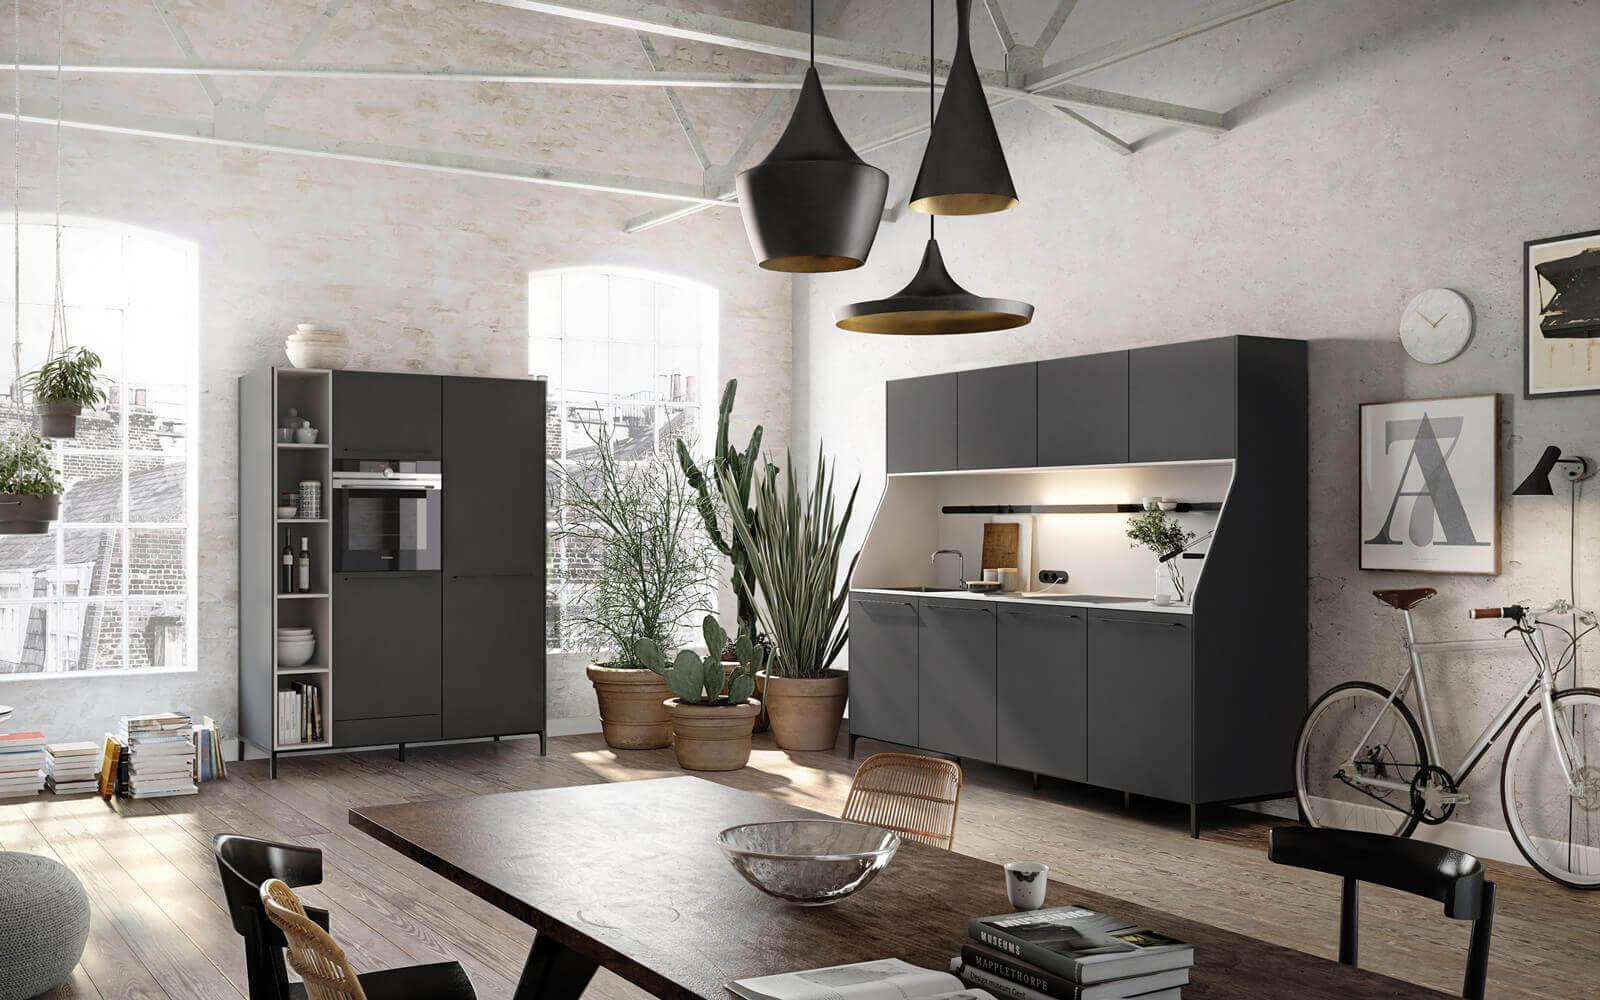 Küchenstudio kuechenART GmbH Potsdam - Hegelallee 22a | {Küchen modern art 50}